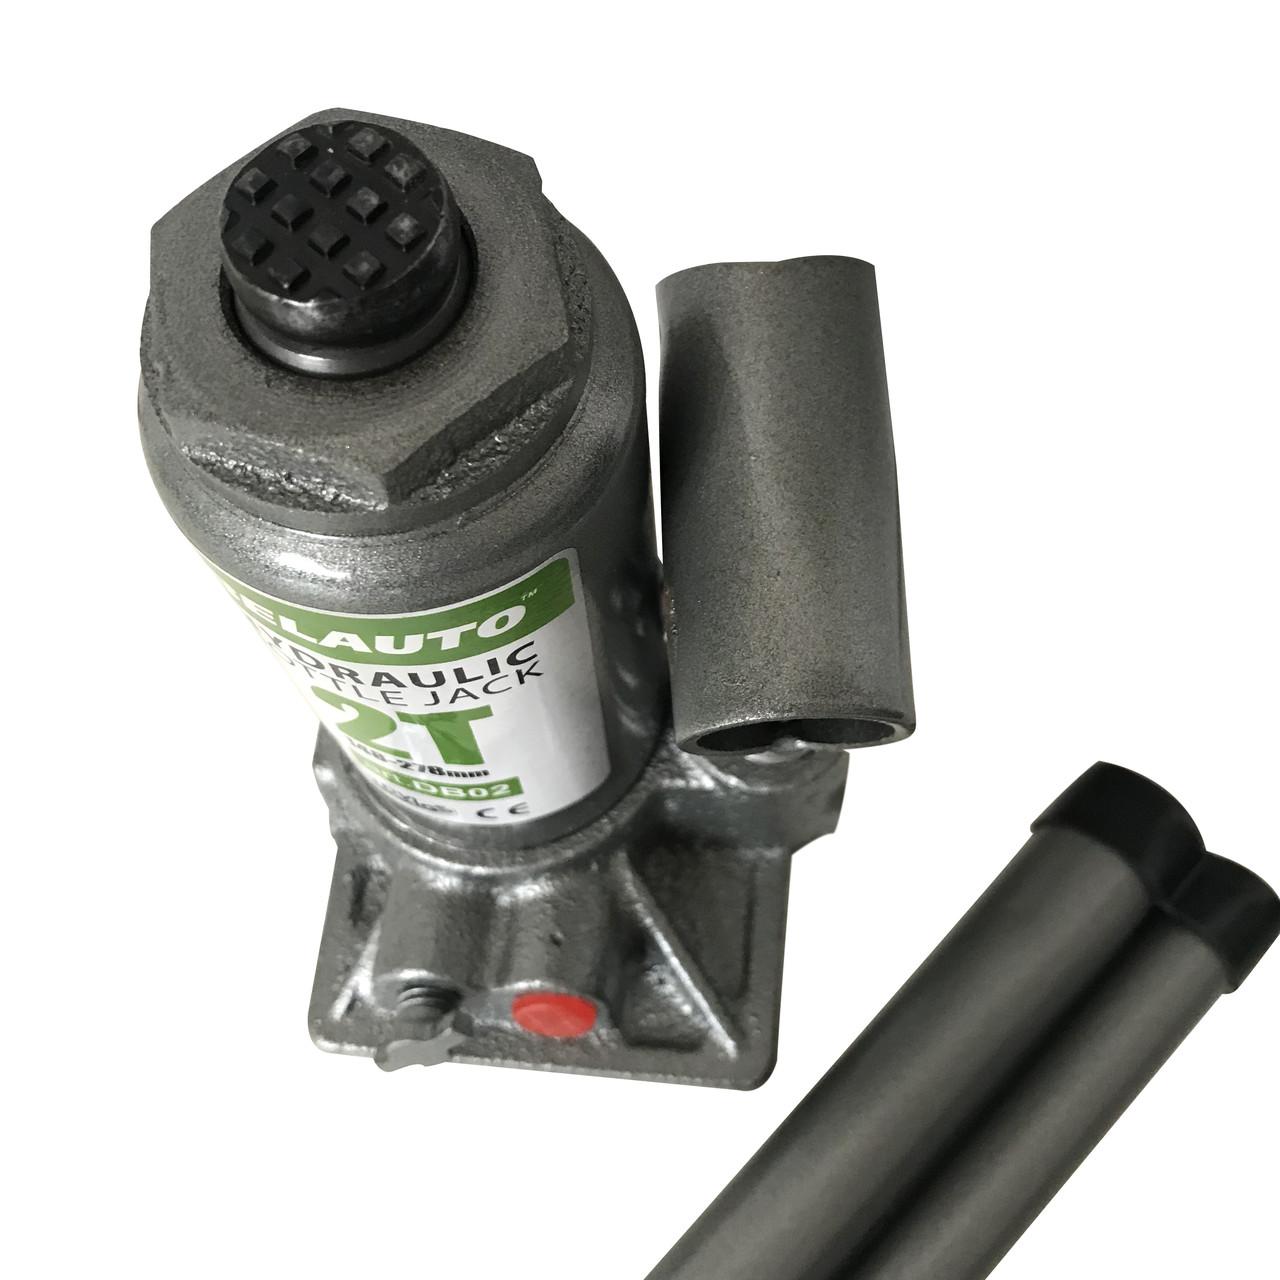 Домкрат БЕЛАВТО DB02 гидравлический (бутылочный) 2 Т, Высота подъема: 148-278 мм